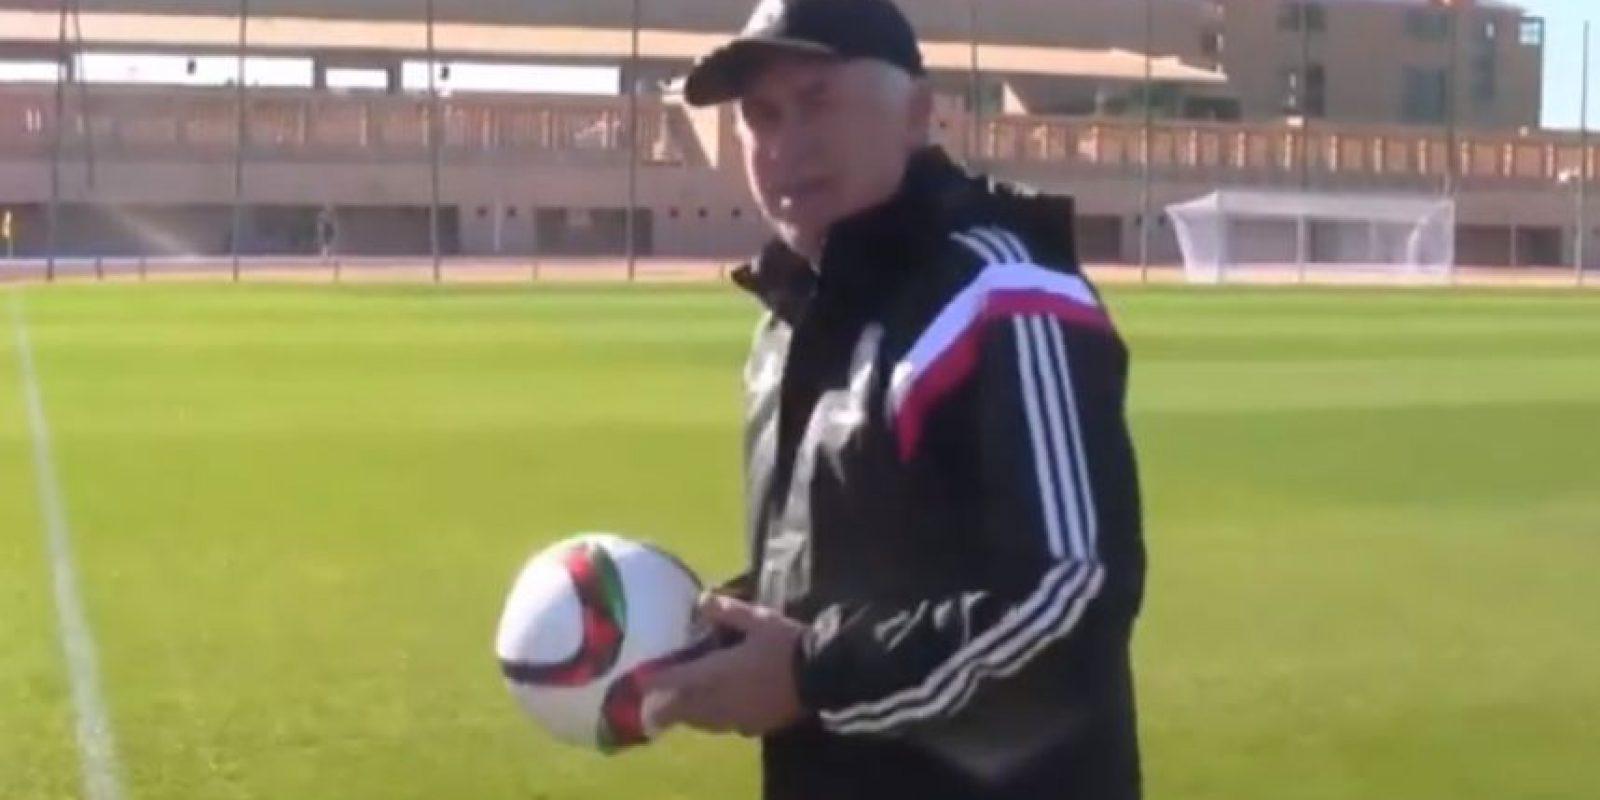 Carlo Ancelotti enseña en un video como mantener el esférico sin que toque el césped Foto:Youtube: Real Madrid C. F.